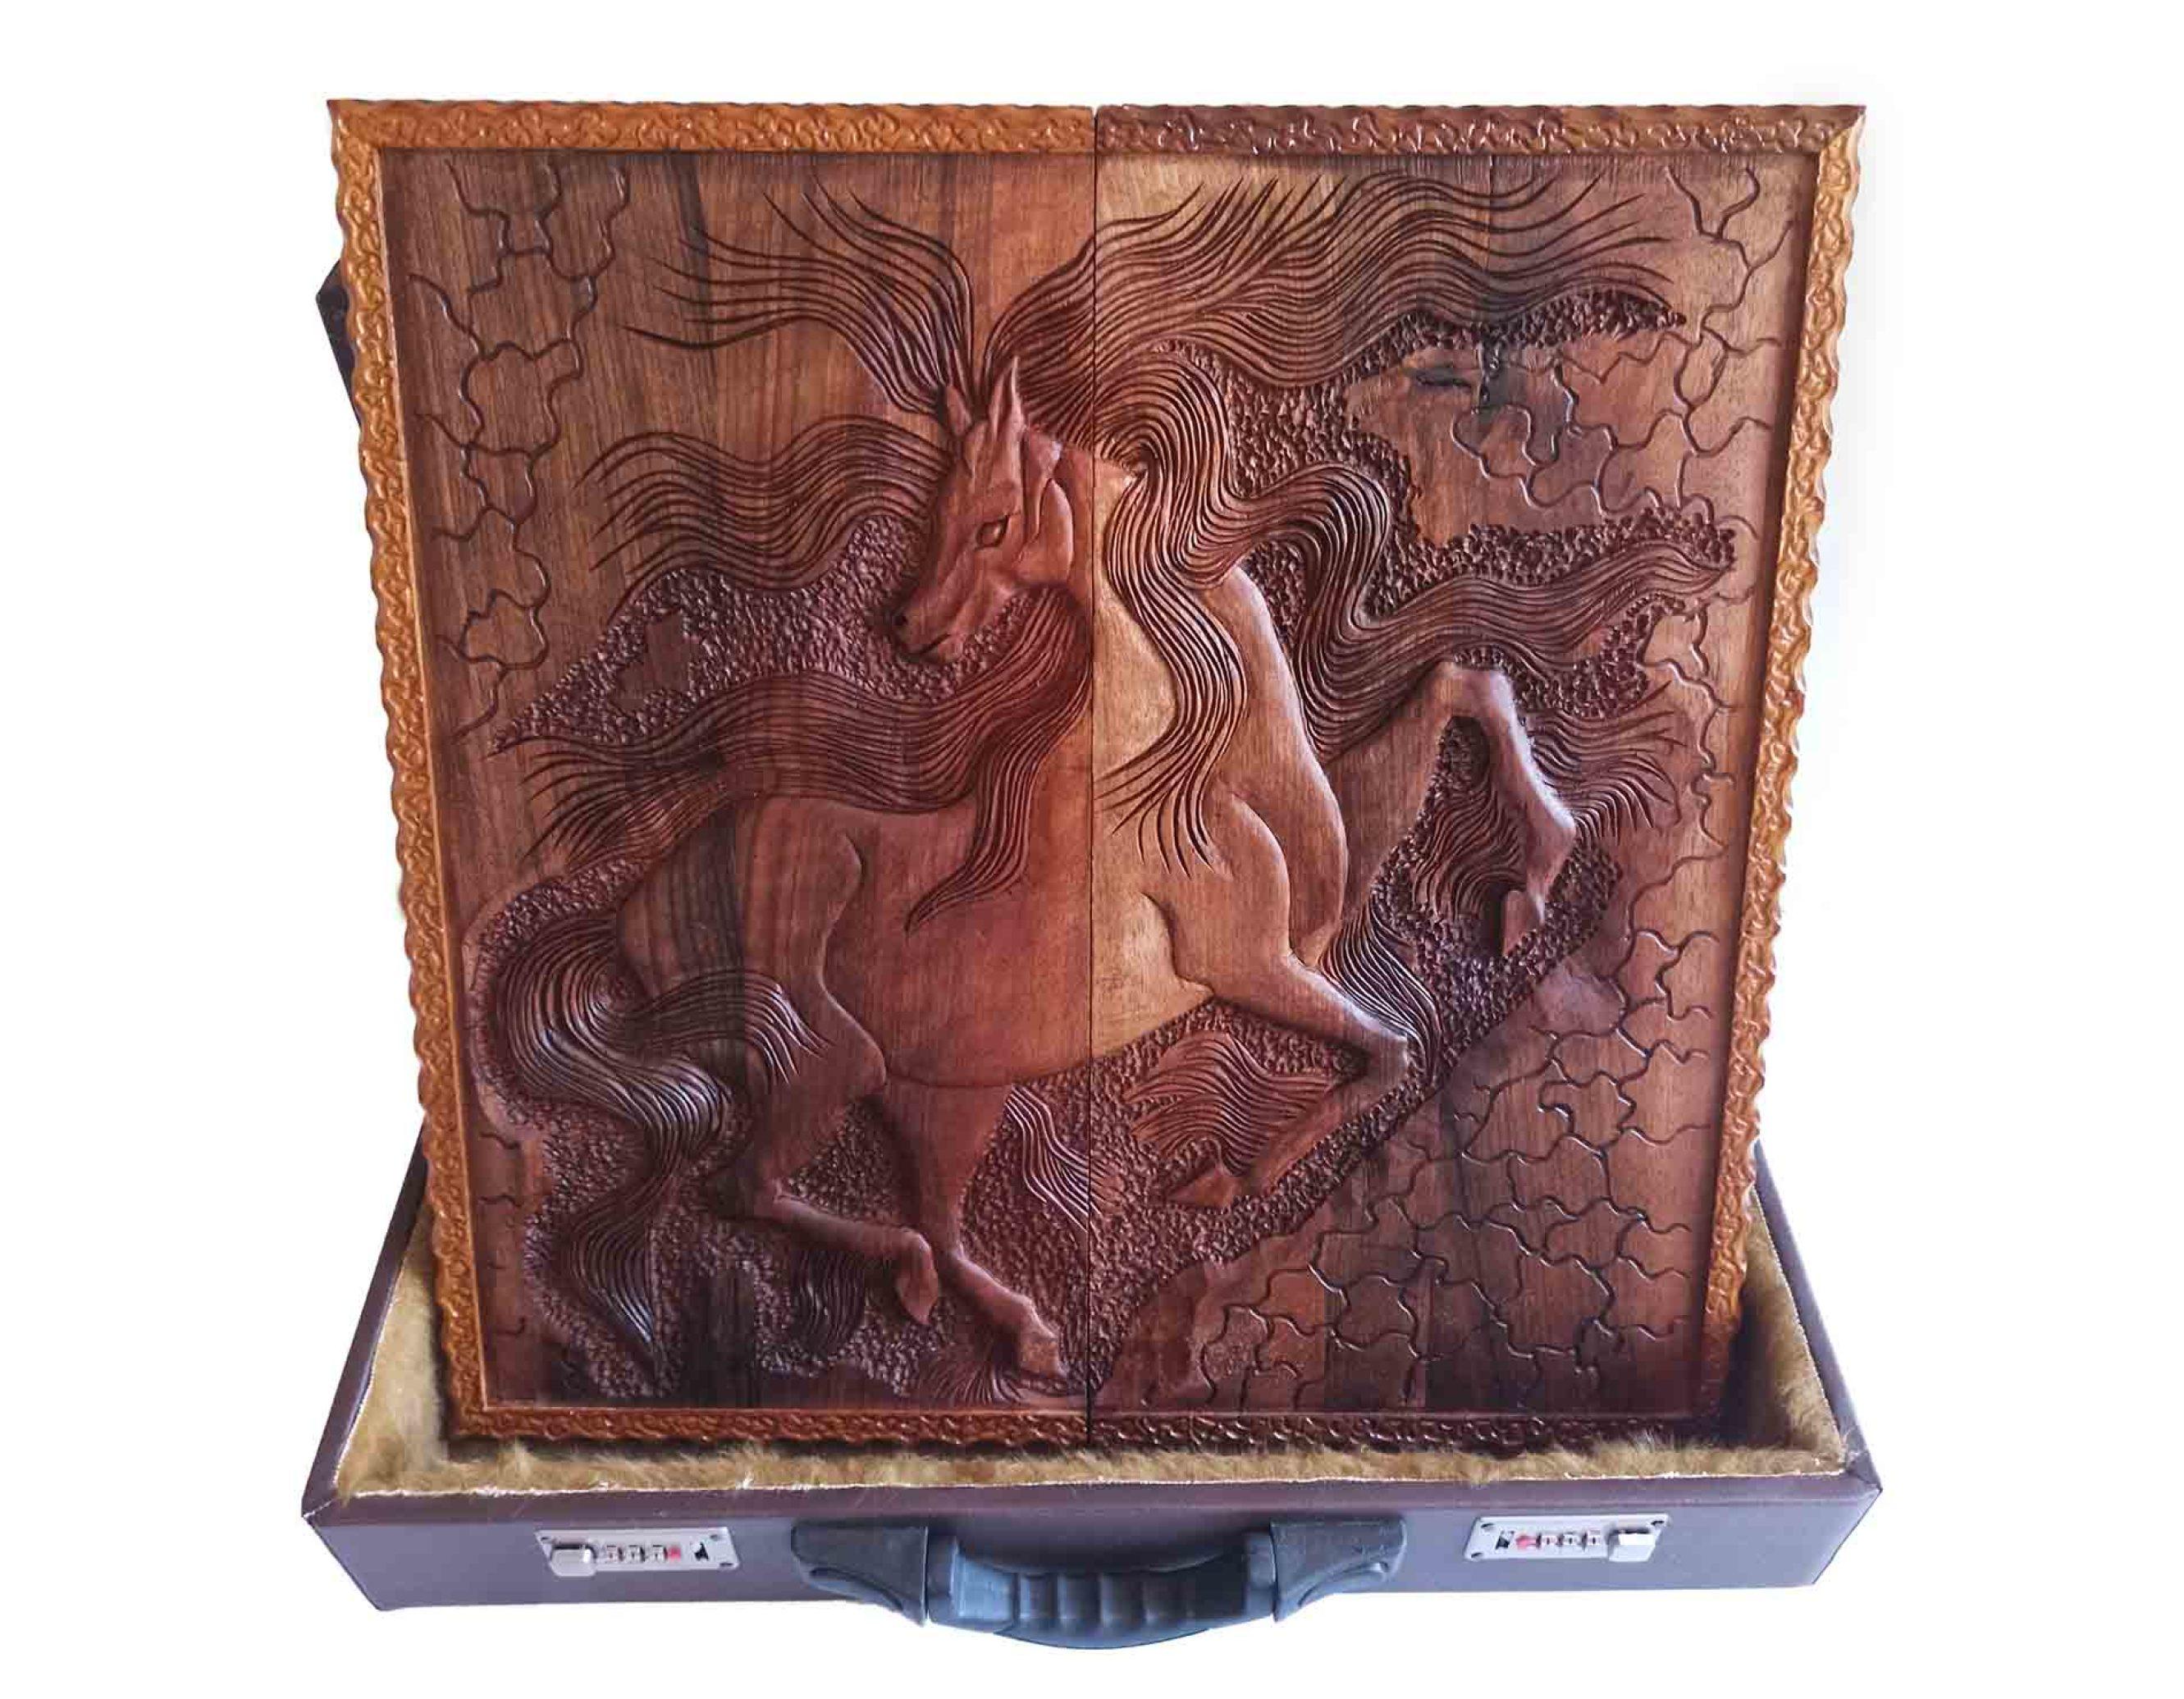 تخته نرد منبت طرح اسب مینیاتوری روی چوب گردو